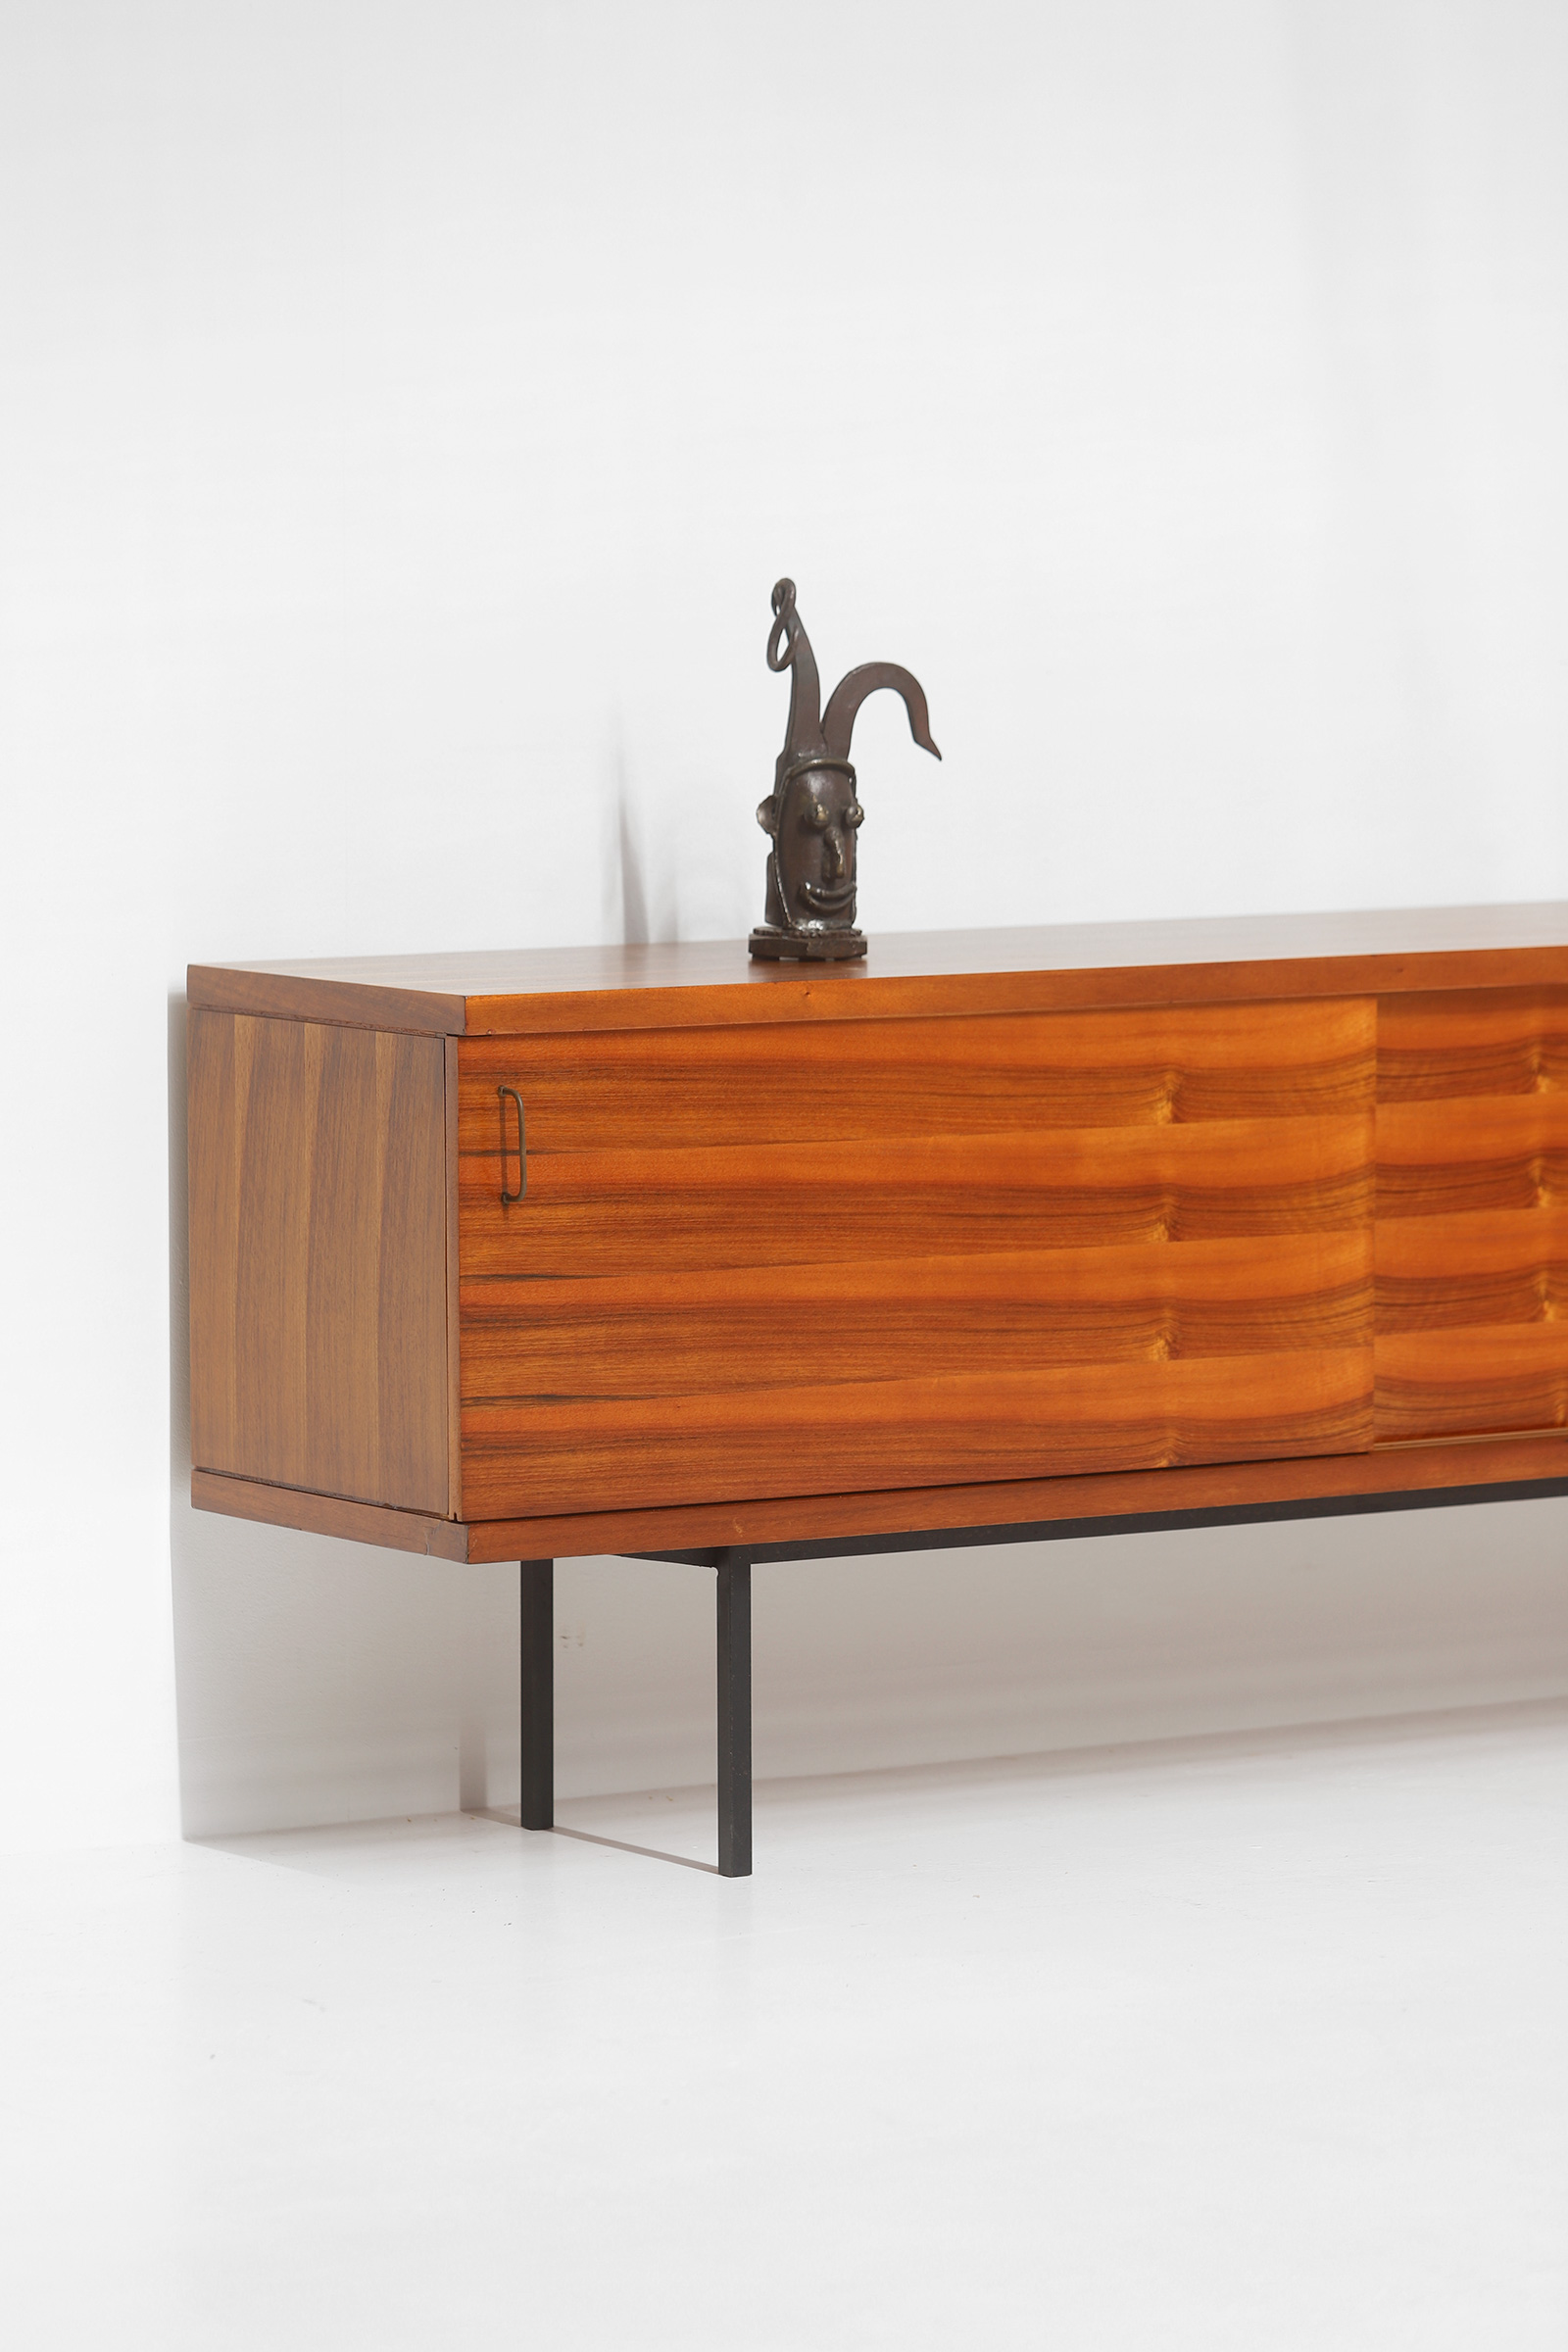 Luxus Sideboard by Jos De Mey 1950simage 11